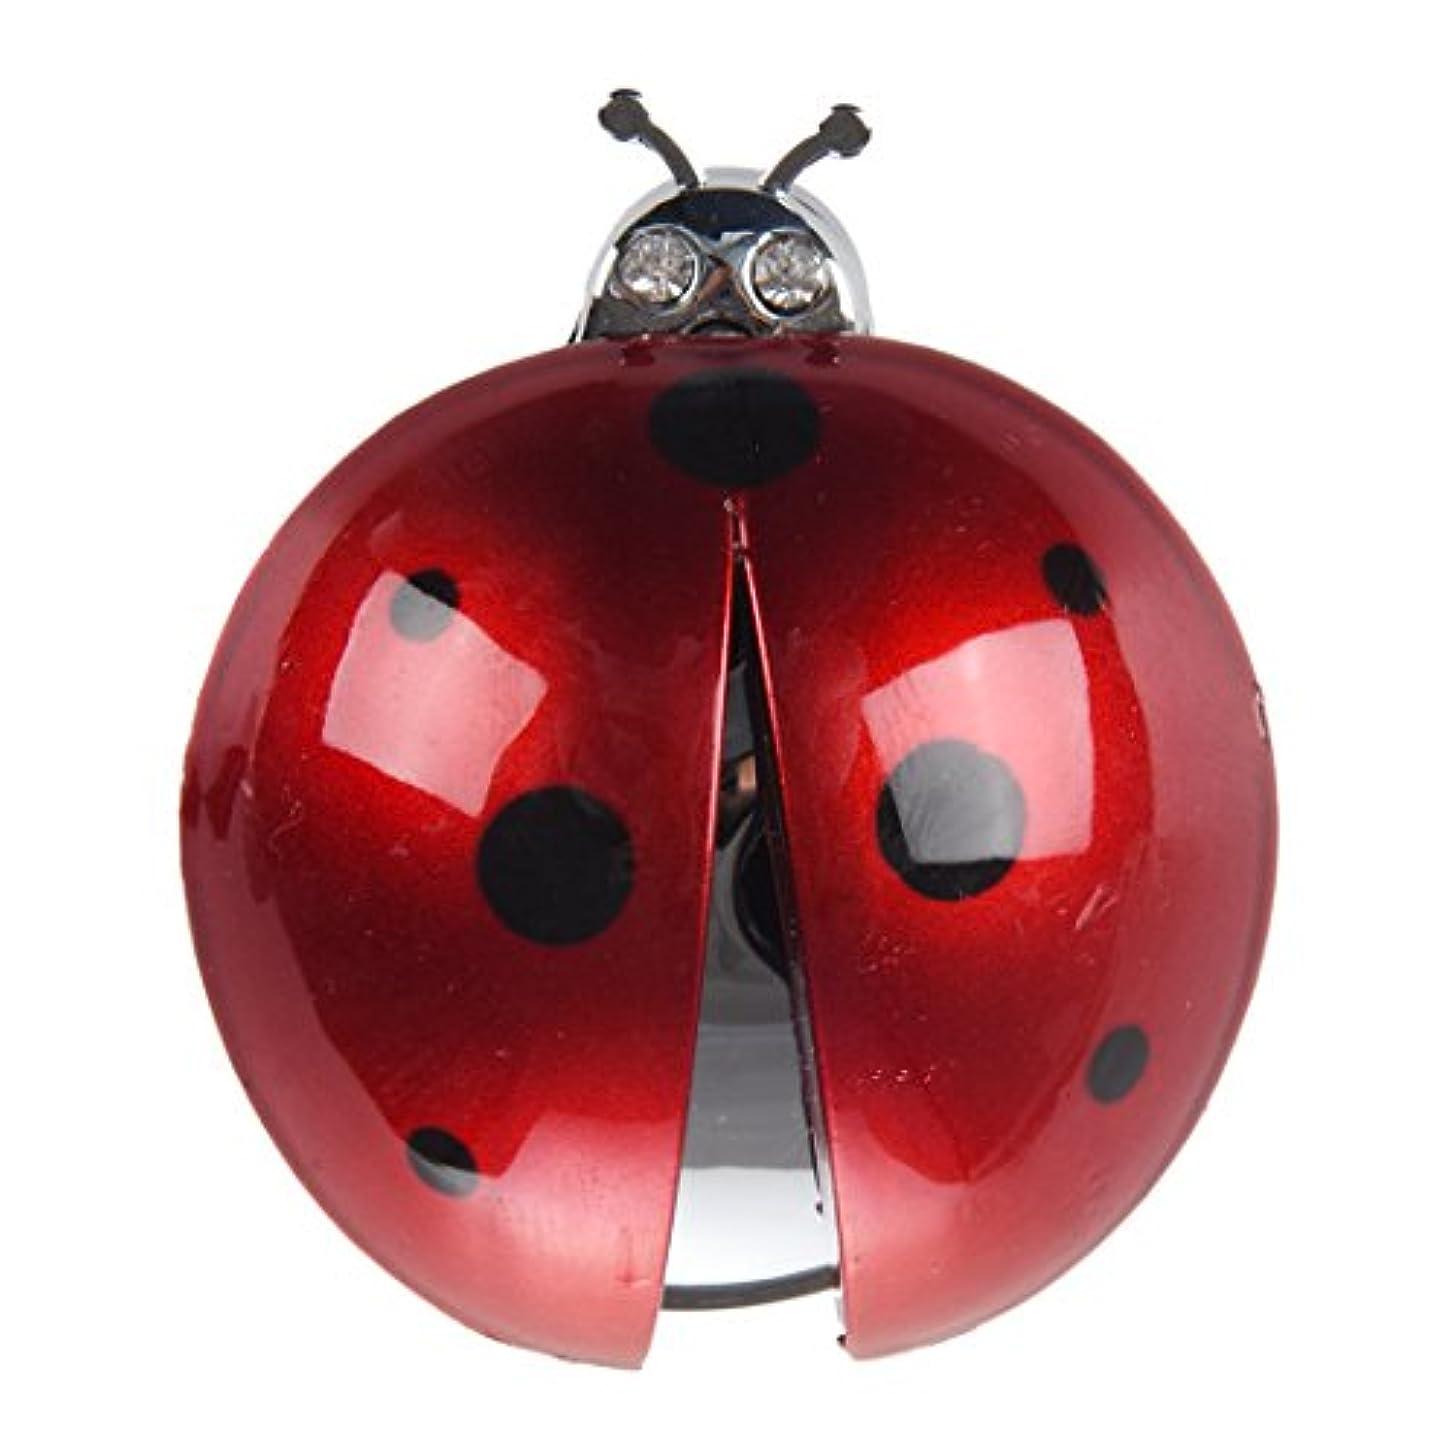 配偶者セッティングその後TYJP TYJP(R)車の空気ベント てんとう虫のデザイン フレグランス 清浄 芳香 ダークレッド